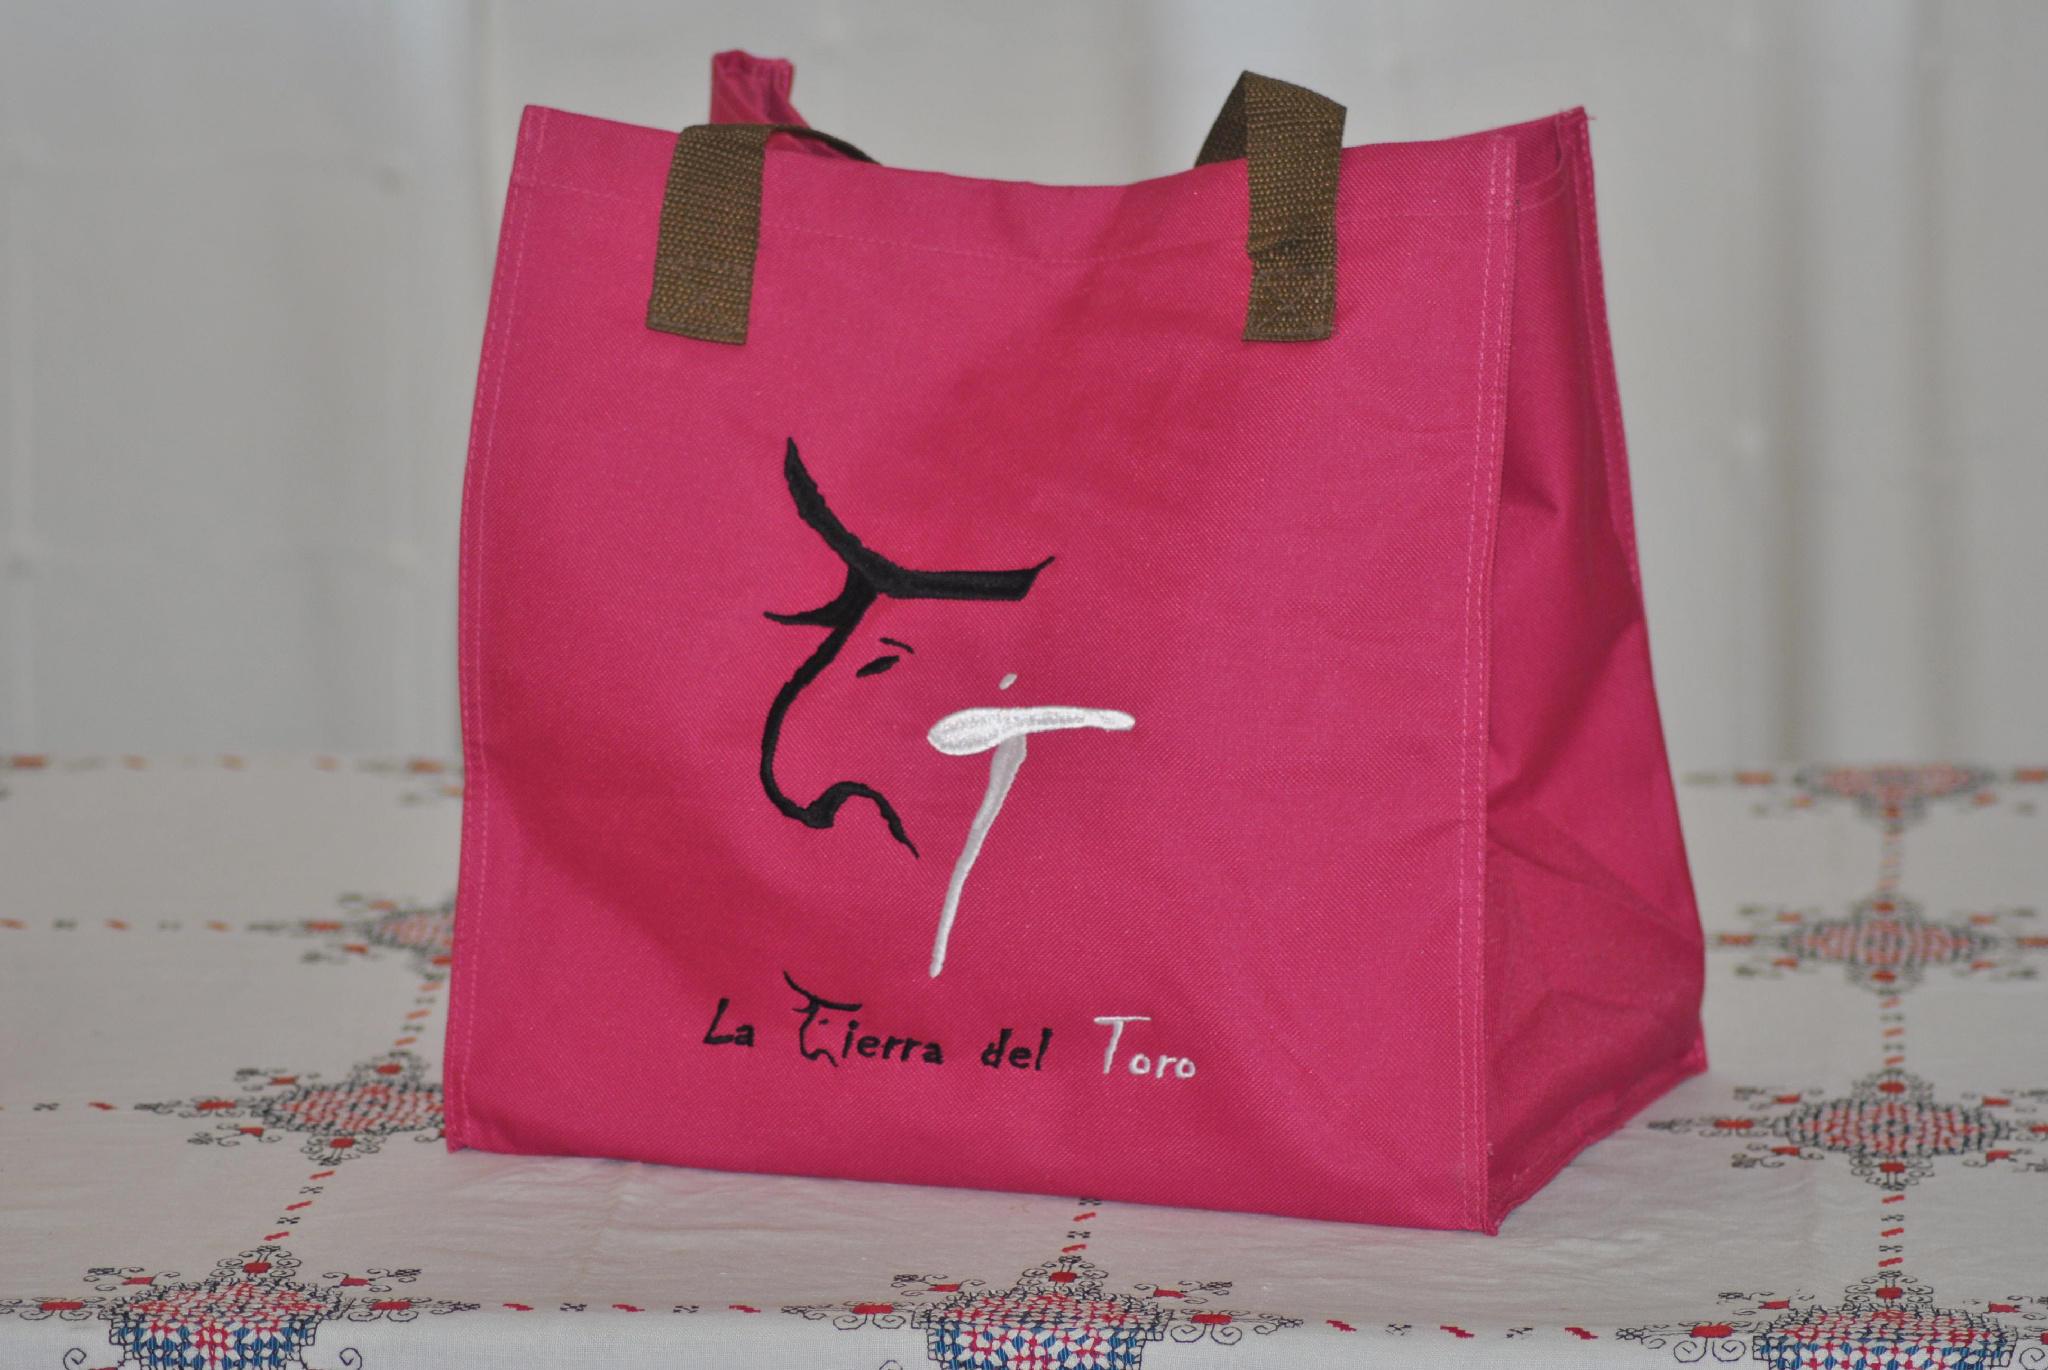 NUEVO. Hazte ya con tu bolso exclusivo de @LATIERRADELTORO Solicitalo en tienda@latierradeltoro.es http://t.co/clC9U5Eg